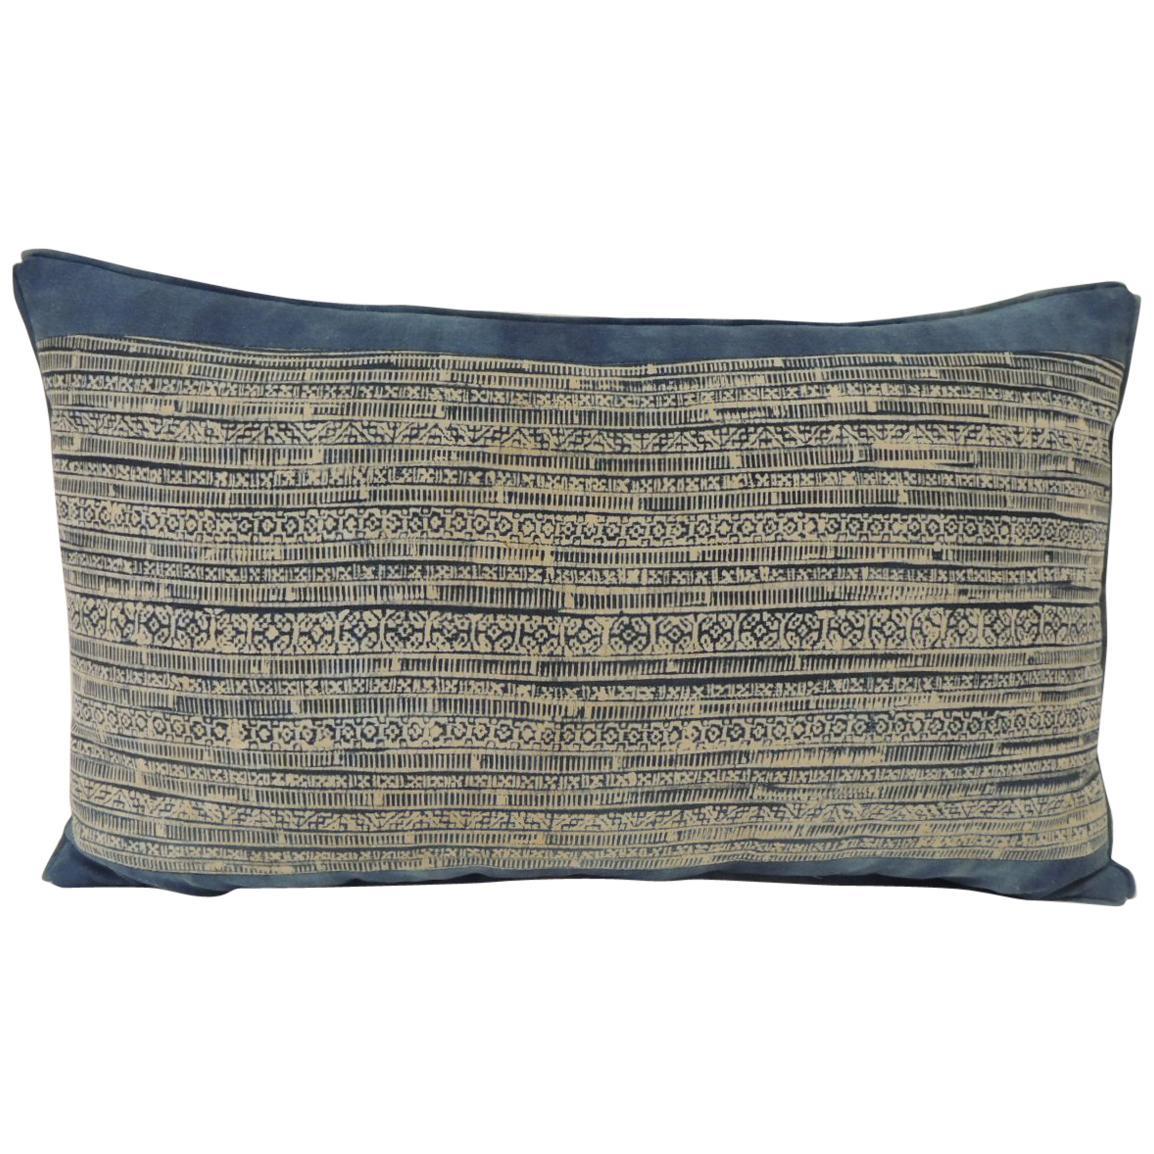 Vintage Blue and Natural Hand-Blocked Tribal Batik Lumbar Decorative Pillow